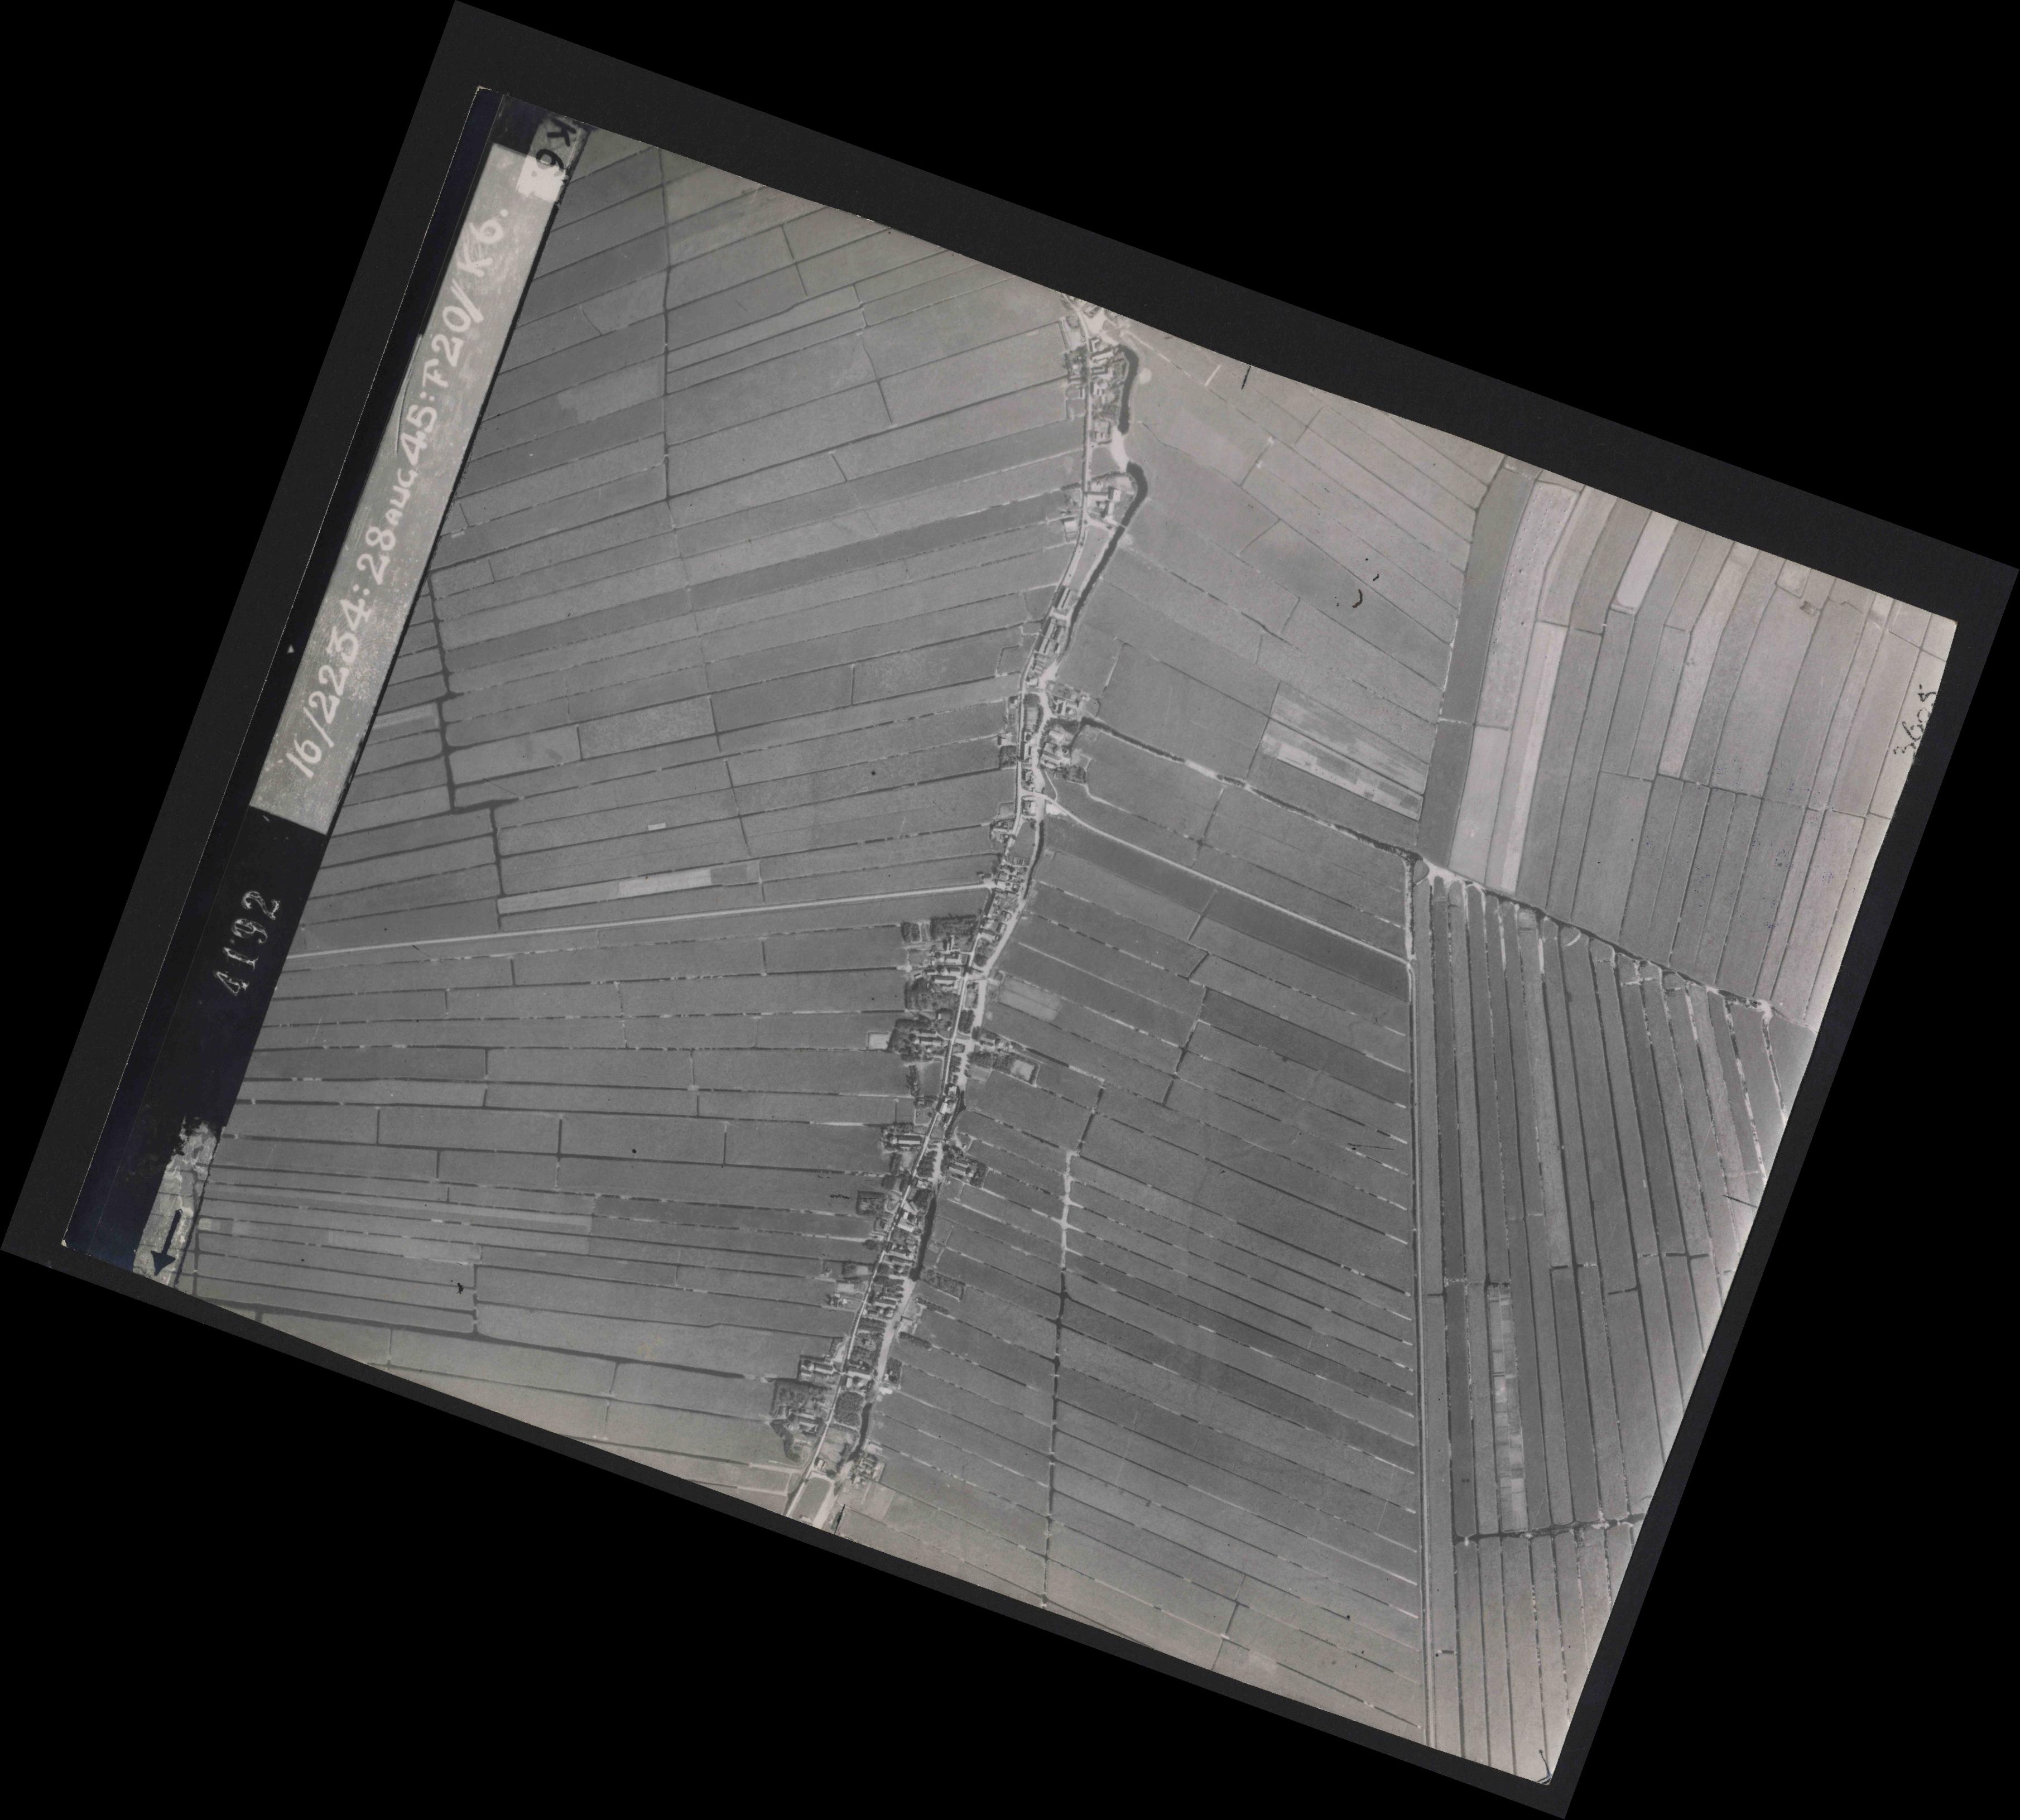 Collection RAF aerial photos 1940-1945 - flight 031, run 01, photo 4192